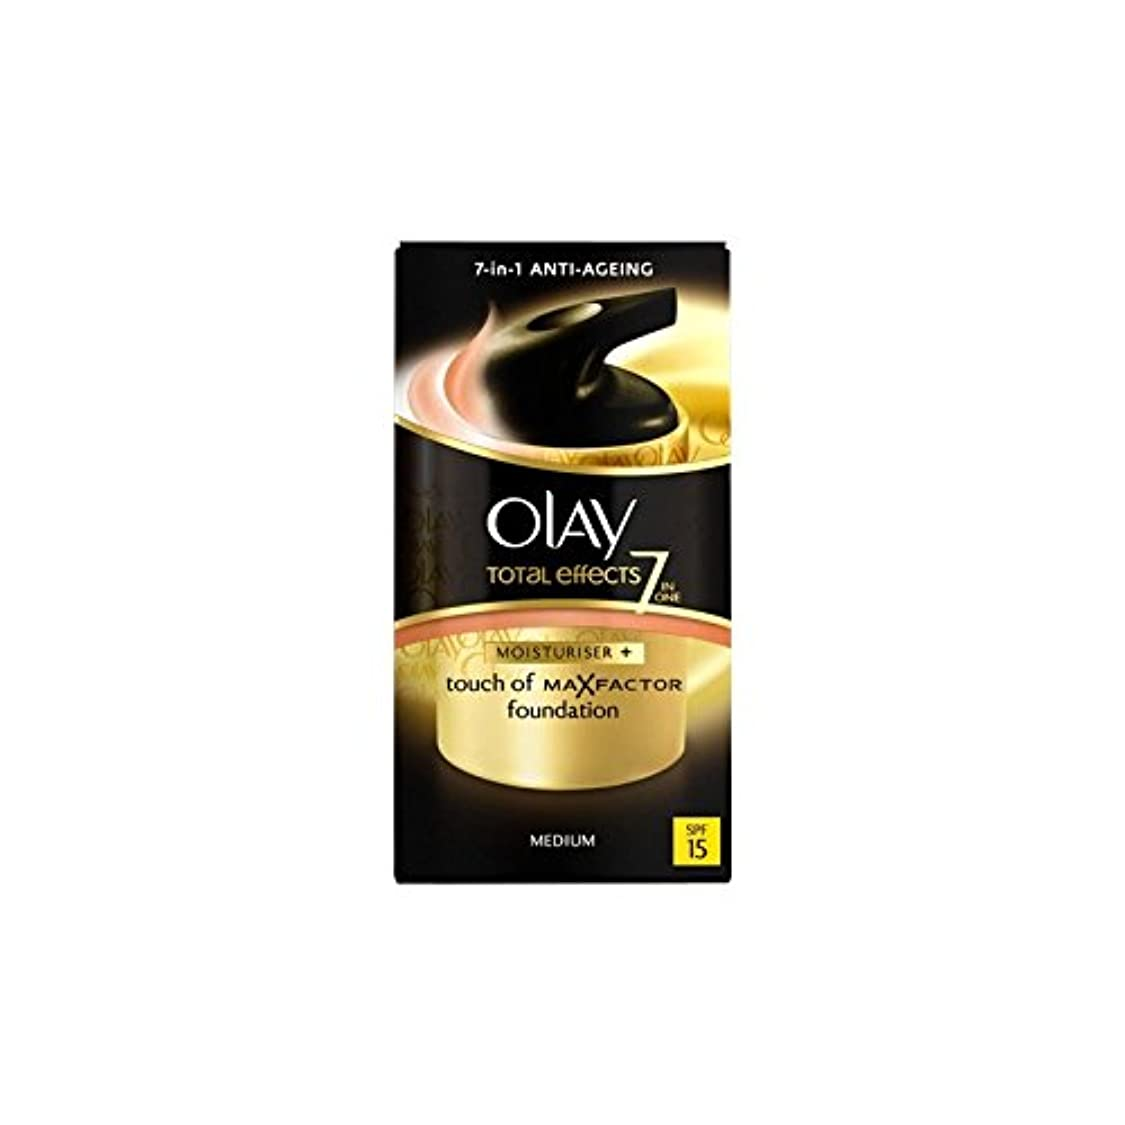 スーツログハンバーガーオーレイトータルエフェクト保湿クリーム15 - 培地(50ミリリットル) x4 - Olay Total Effects Moisturiser Bb Cream Spf15 - Medium (50ml) (Pack...